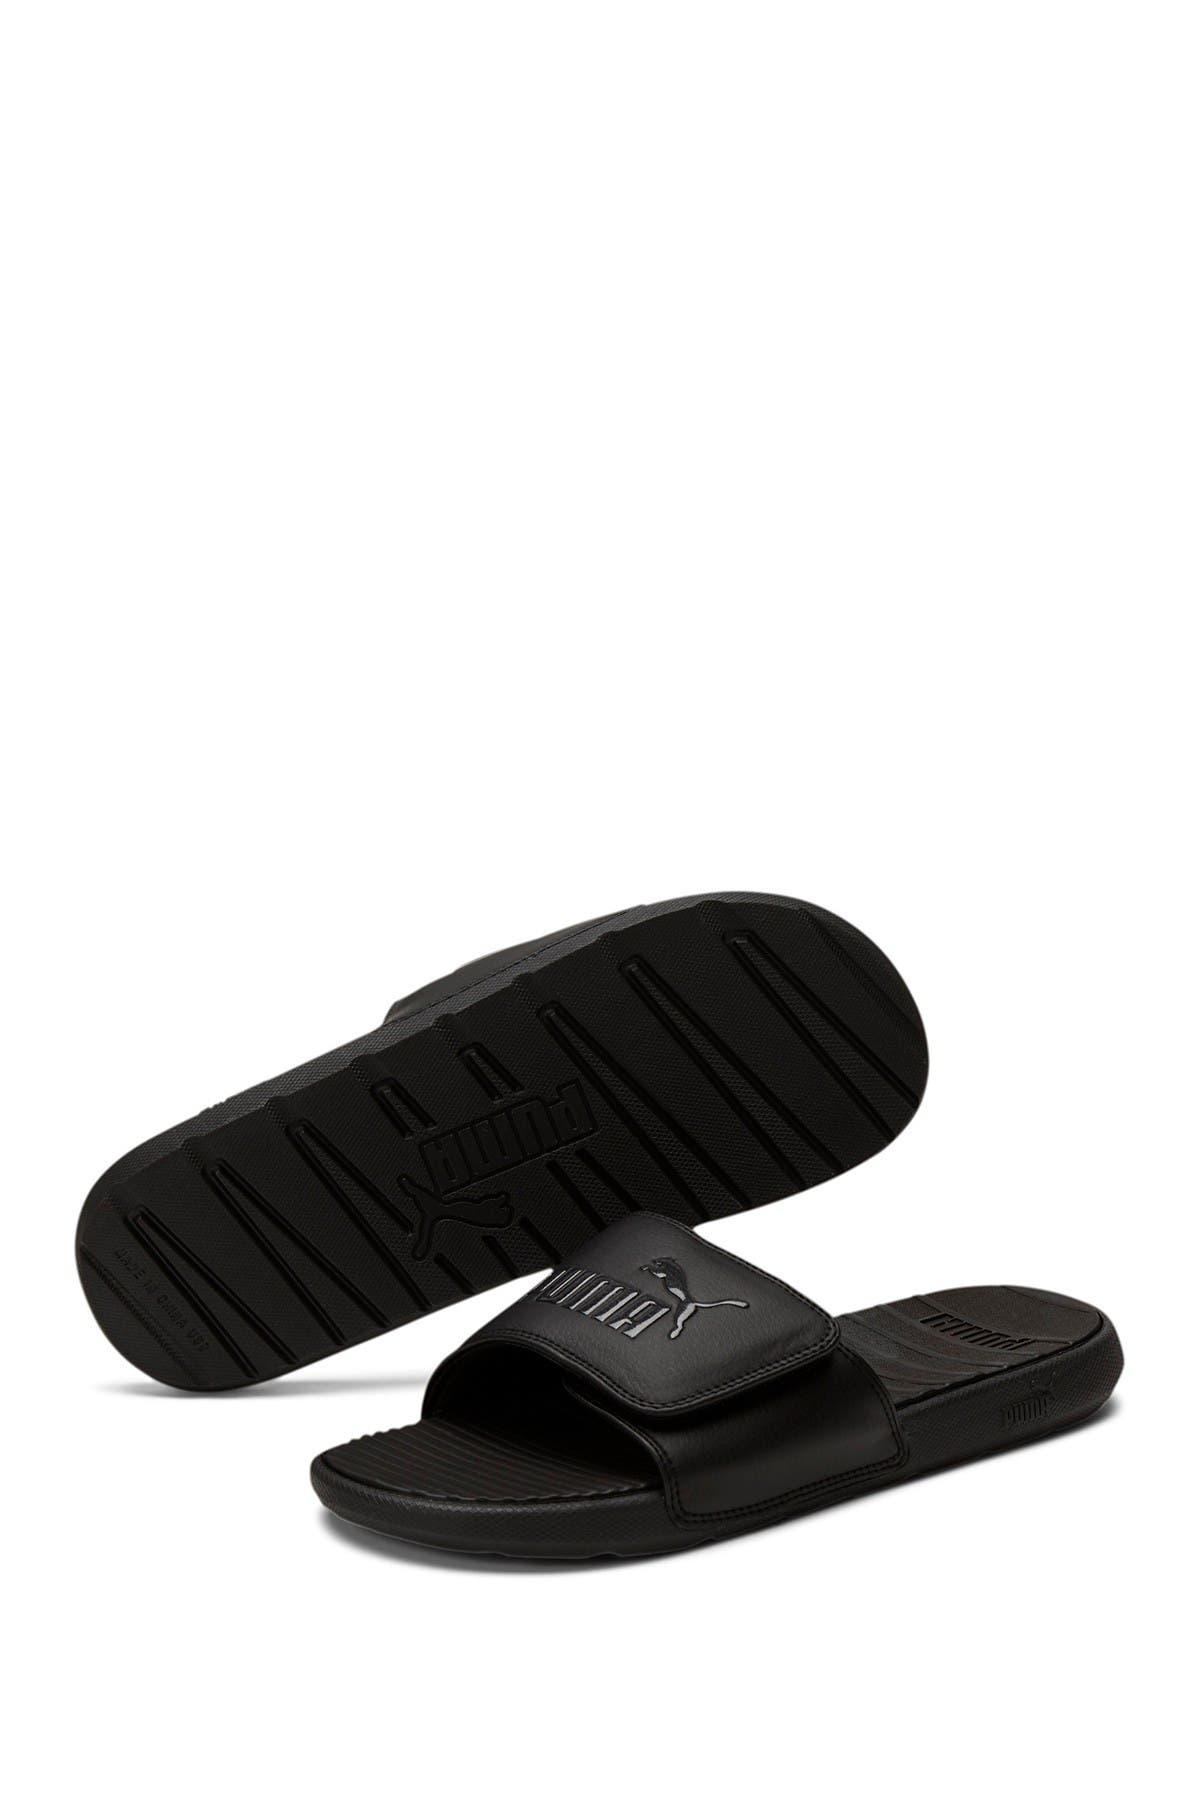 Image of PUMA Cool Cat V Slide Sandal